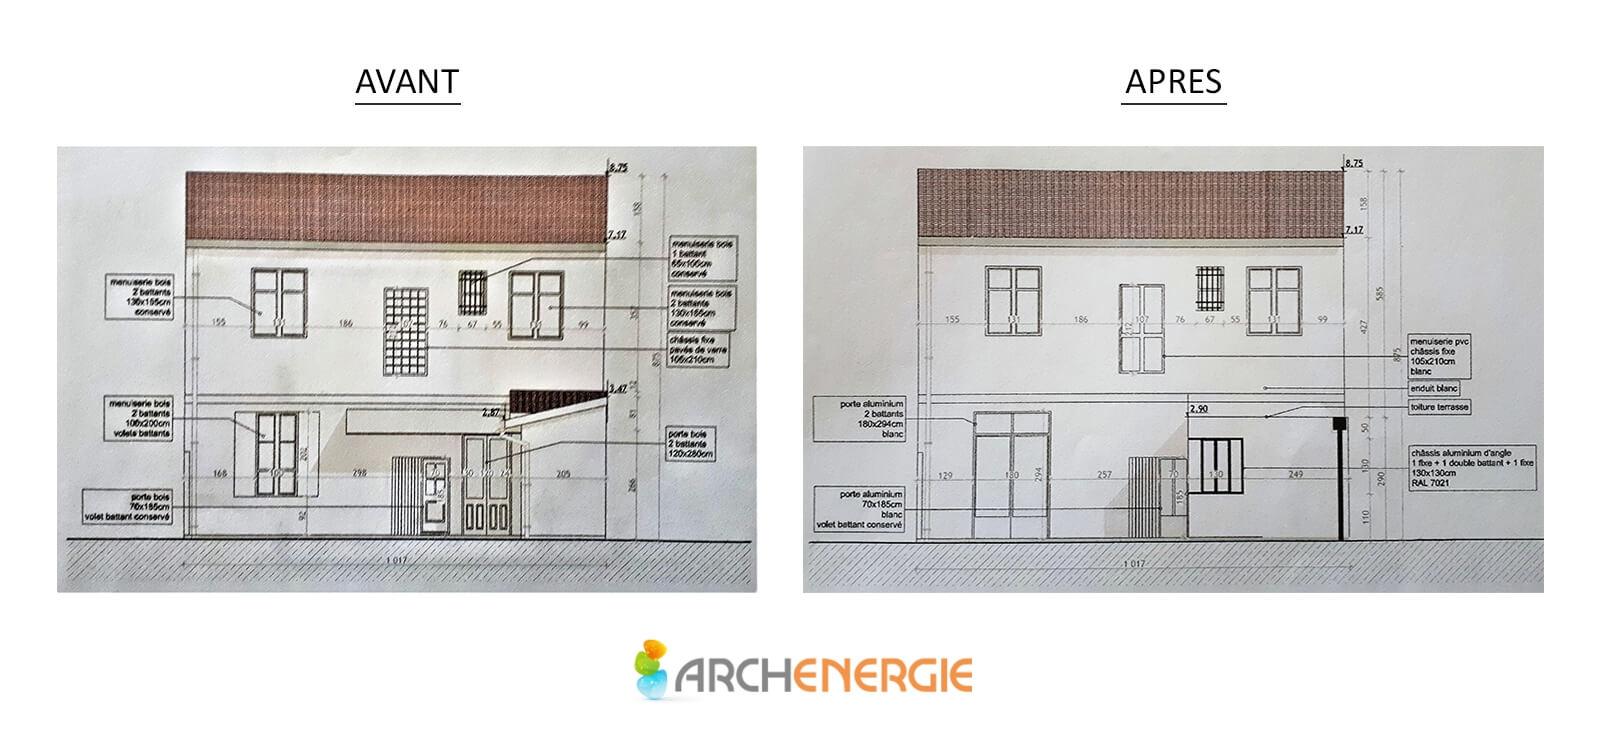 Plan extension - Archenergie